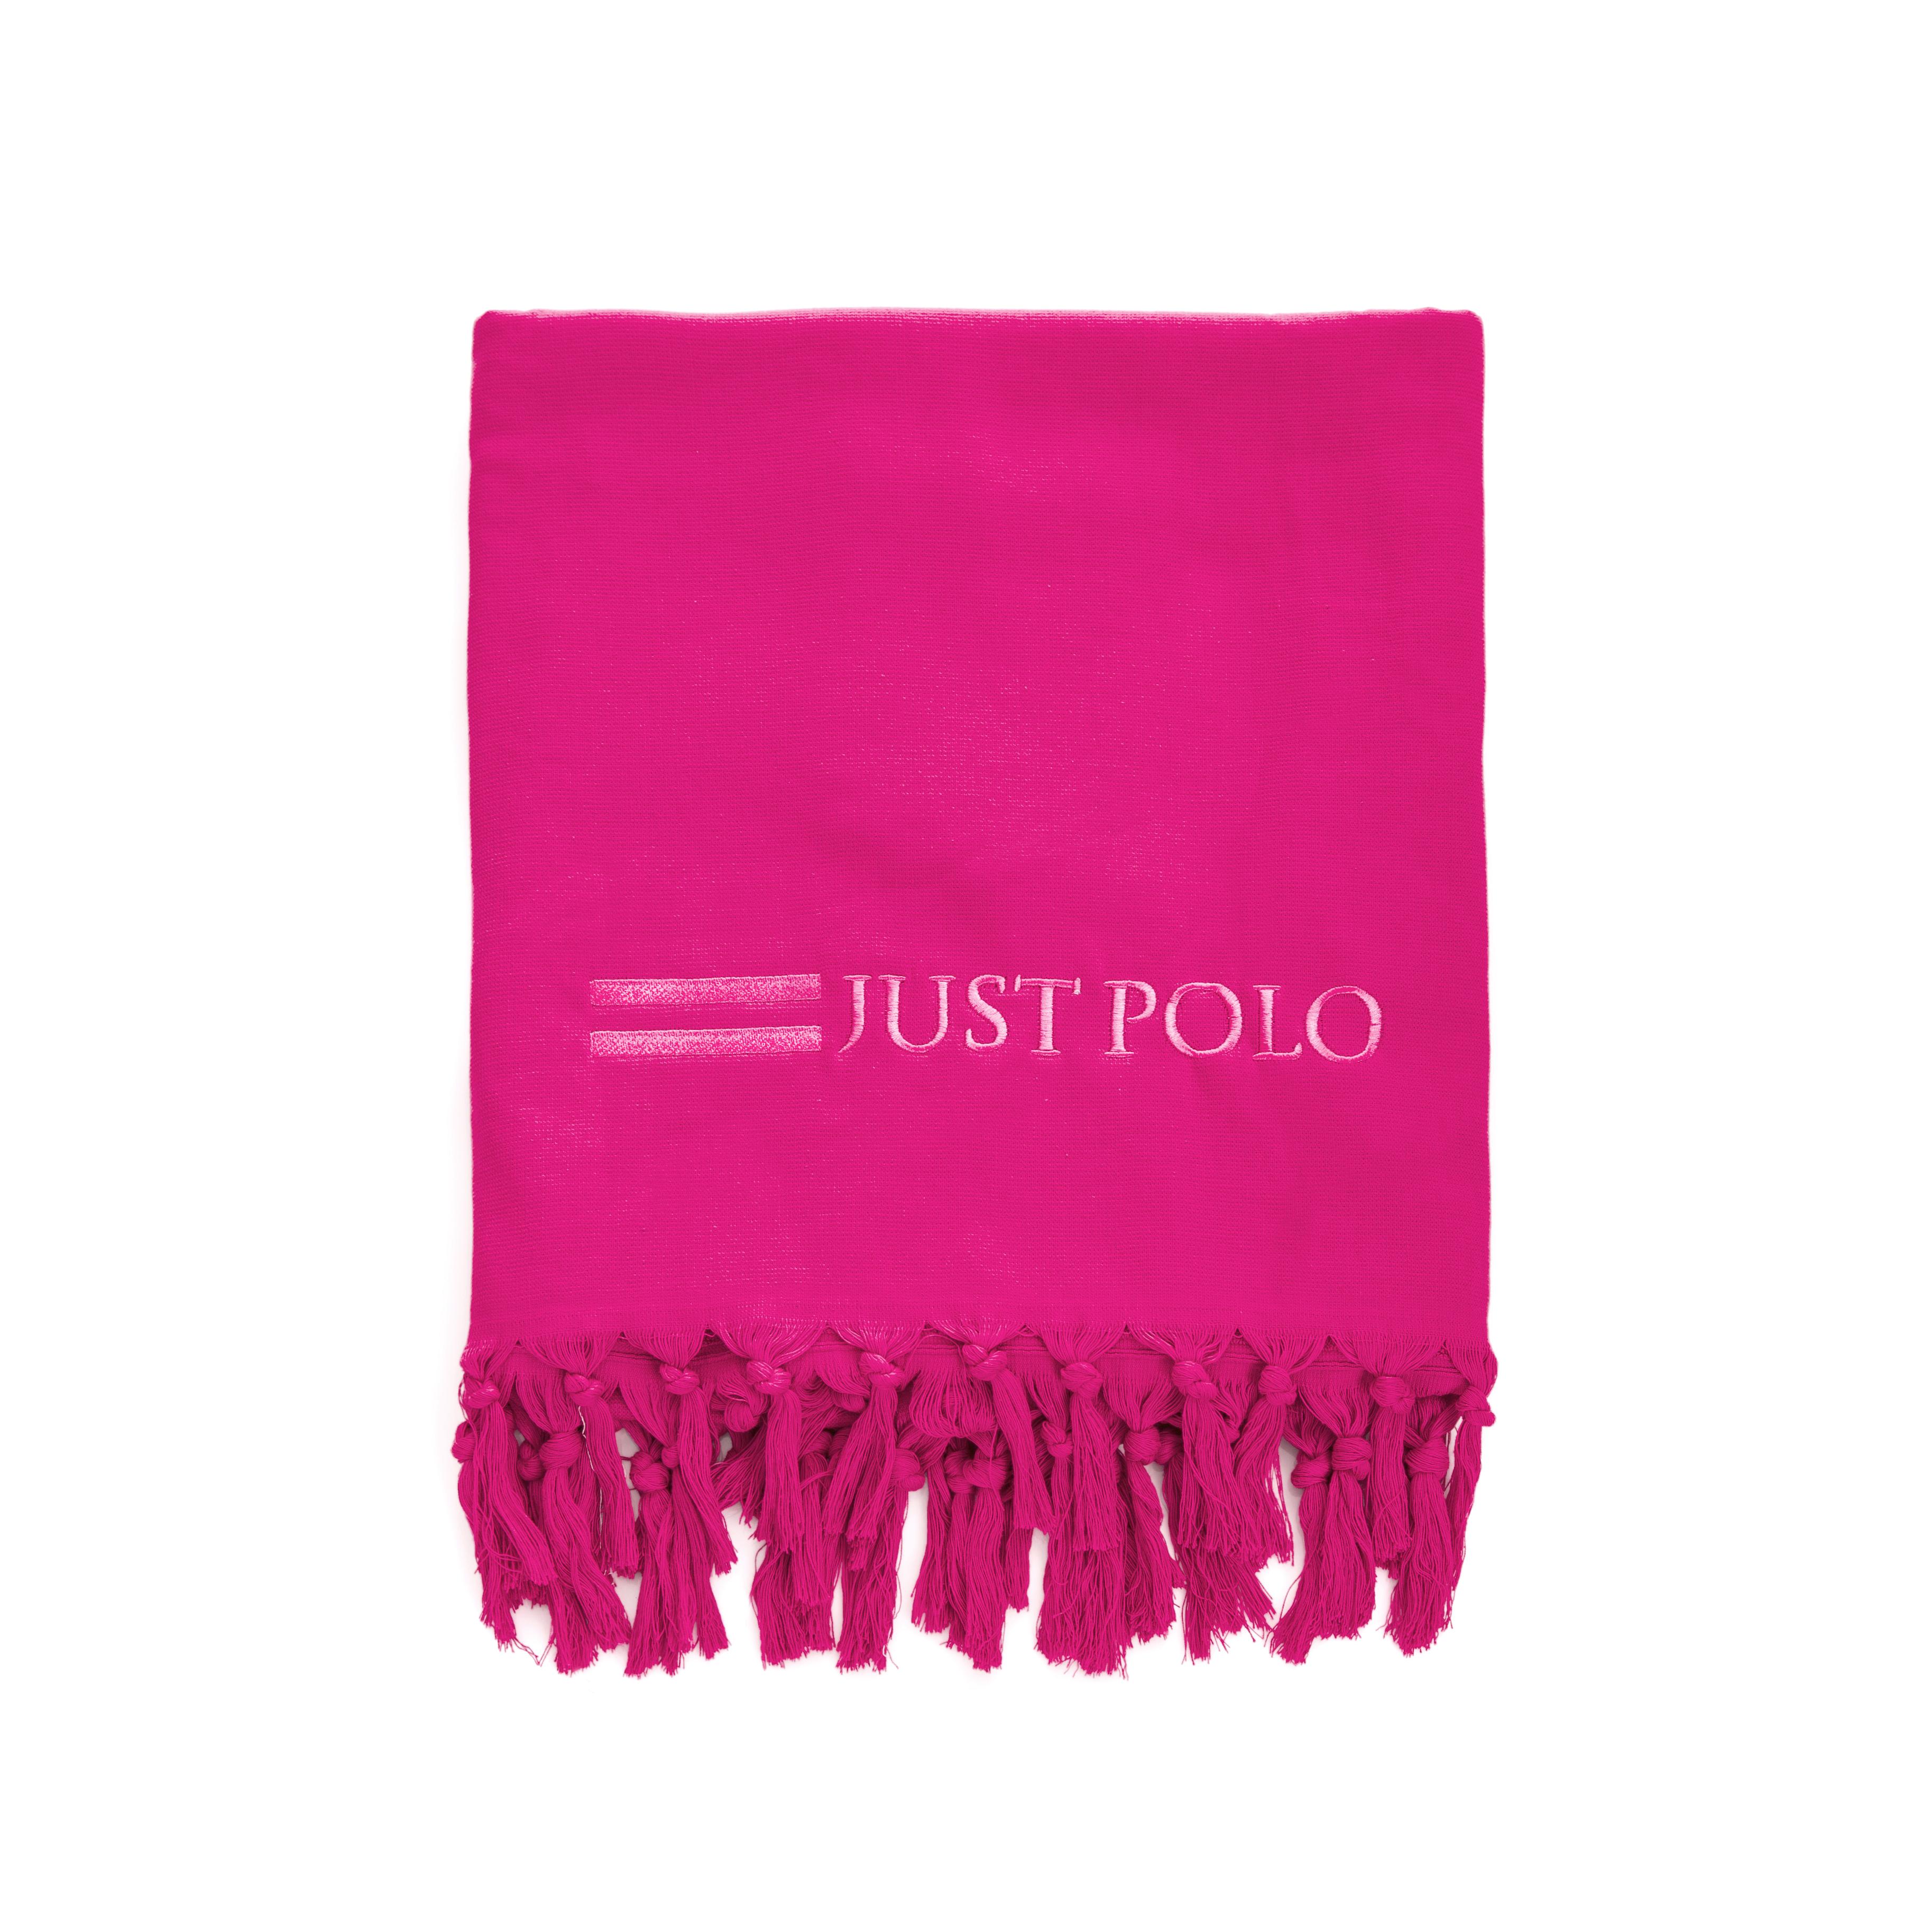 JUST POLO - Πετσέτα θαλάσσης Just Polo φούξια ανδρικά αξεσουάρ πετσέτες